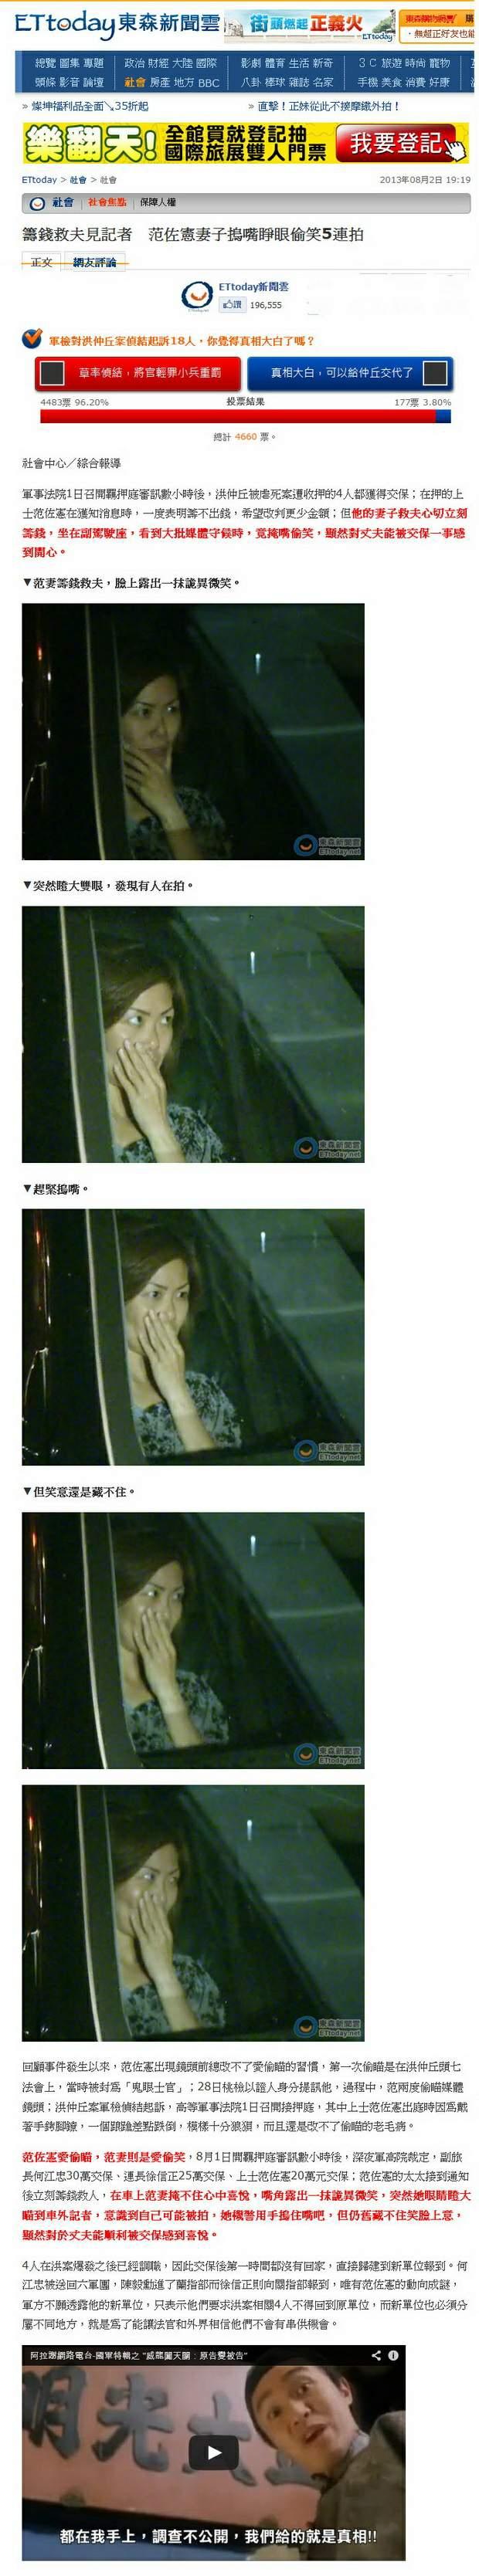 籌錢救夫見記者 范佐憲妻子摀嘴睜眼偷笑5連拍-2013.08.02.jpg